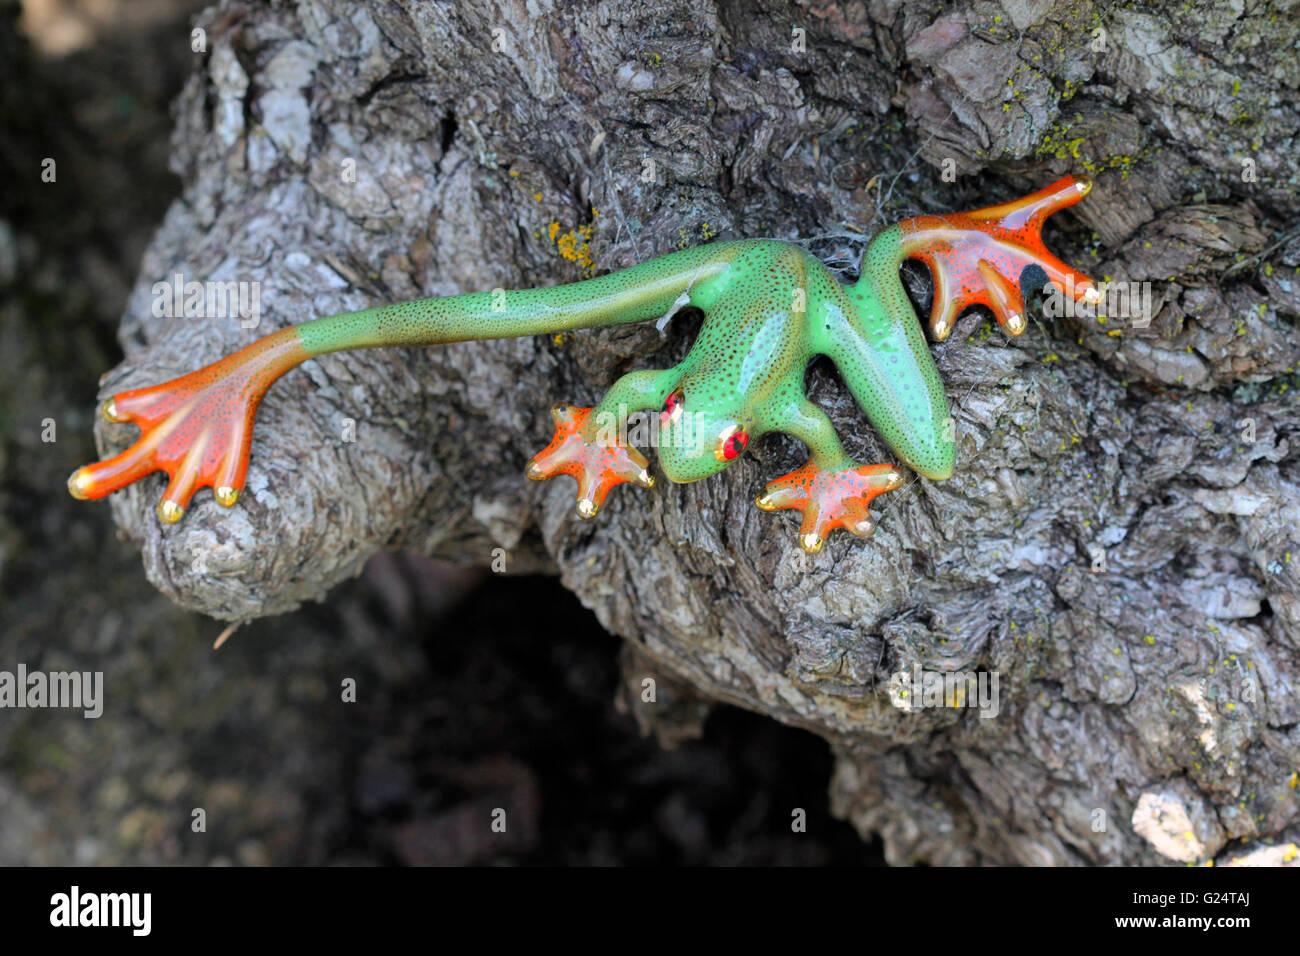 Cette grenouille verte ornementales statue avec pieds orange est décoré avec de minuscules petits points Photo Stock